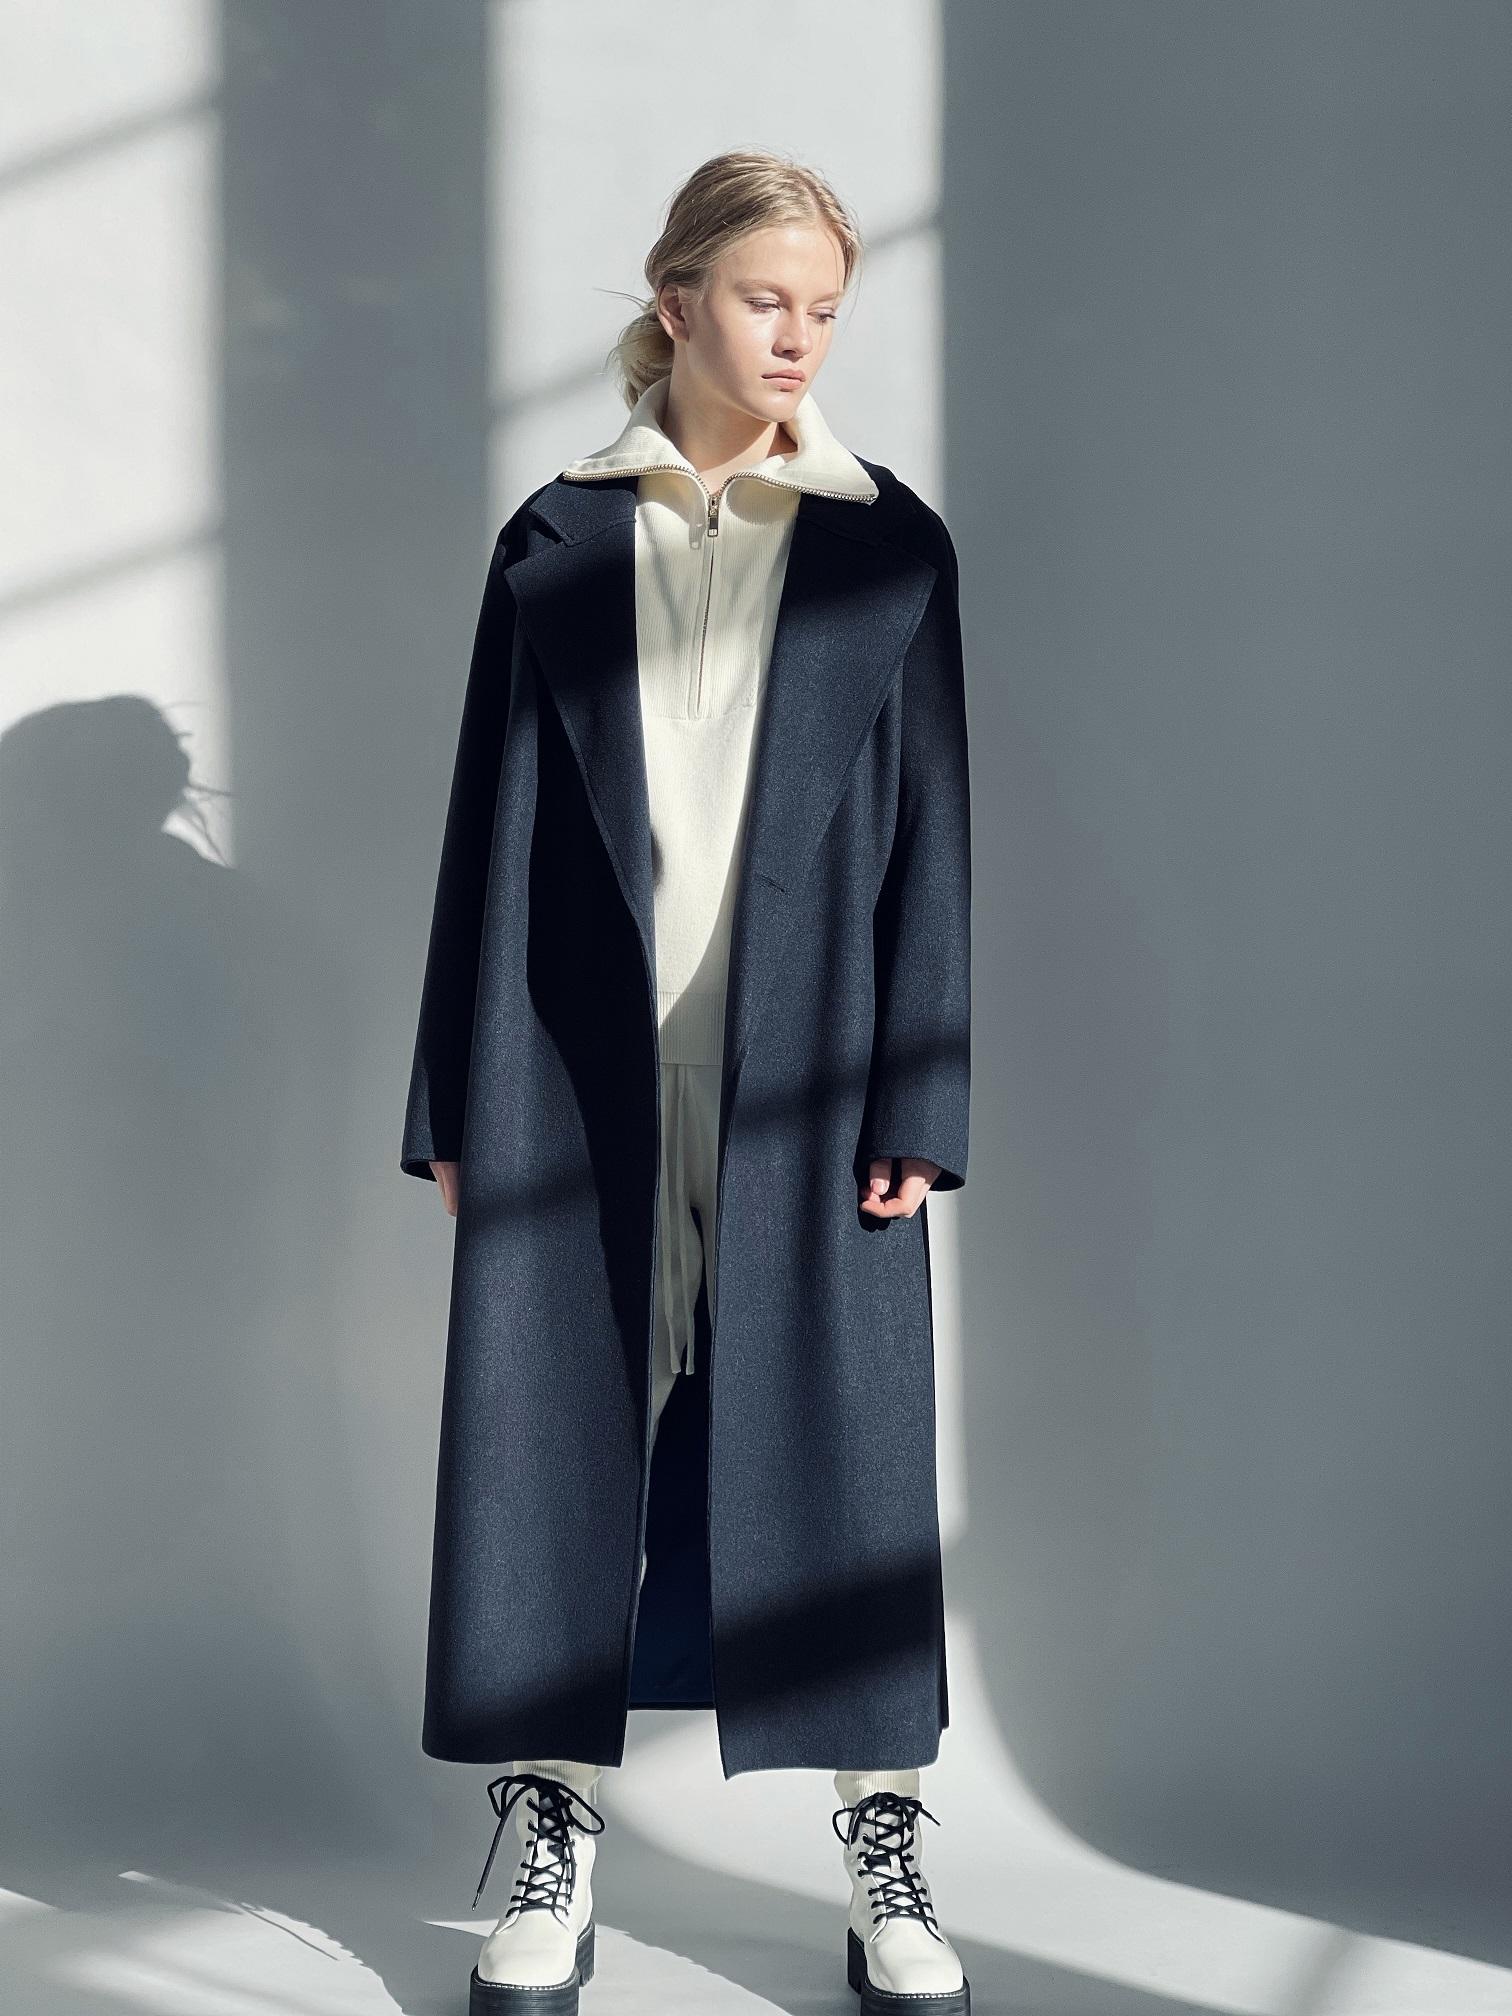 Пальто, QUARKS, ANN (цвет ночи )